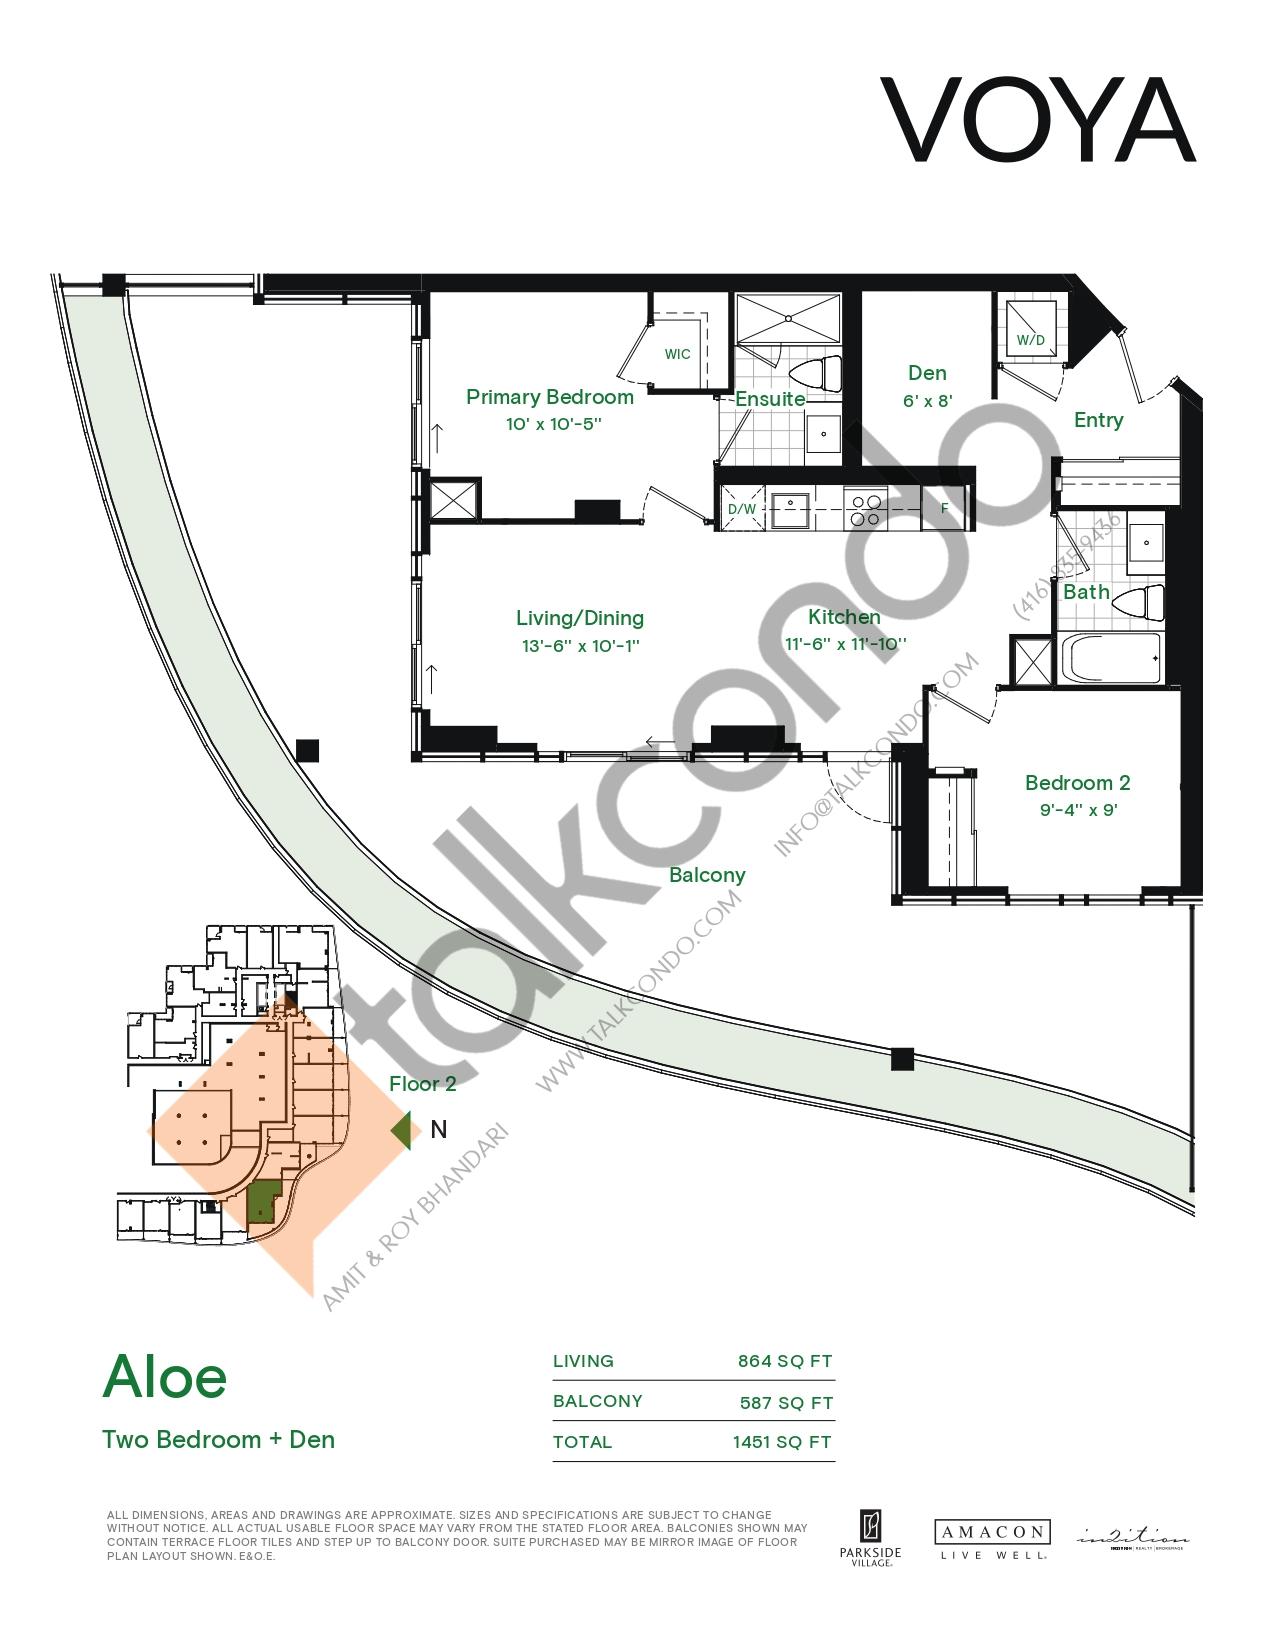 Aloe (Podium) Floor Plan at Voya at Parkside Village Condos - 864 sq.ft